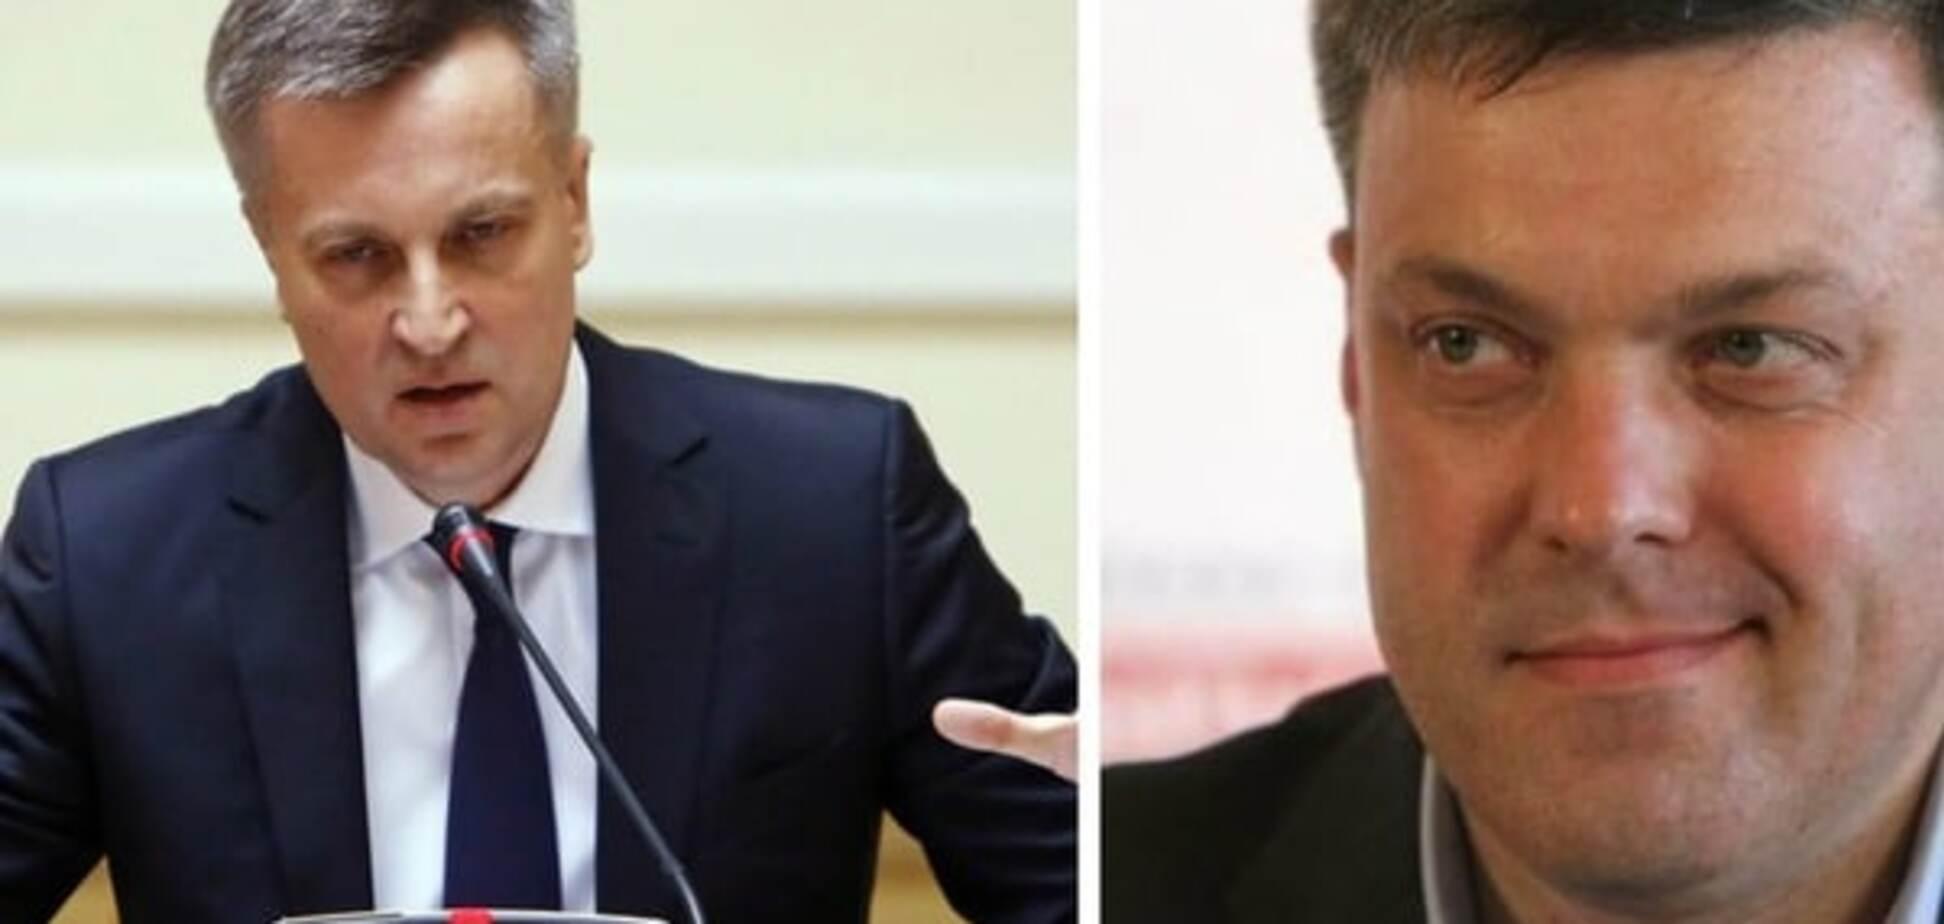 'Свобода' і Наливайченко в Голландії потрапили в 'музейно-кримінальний' скандал - ЗМІ